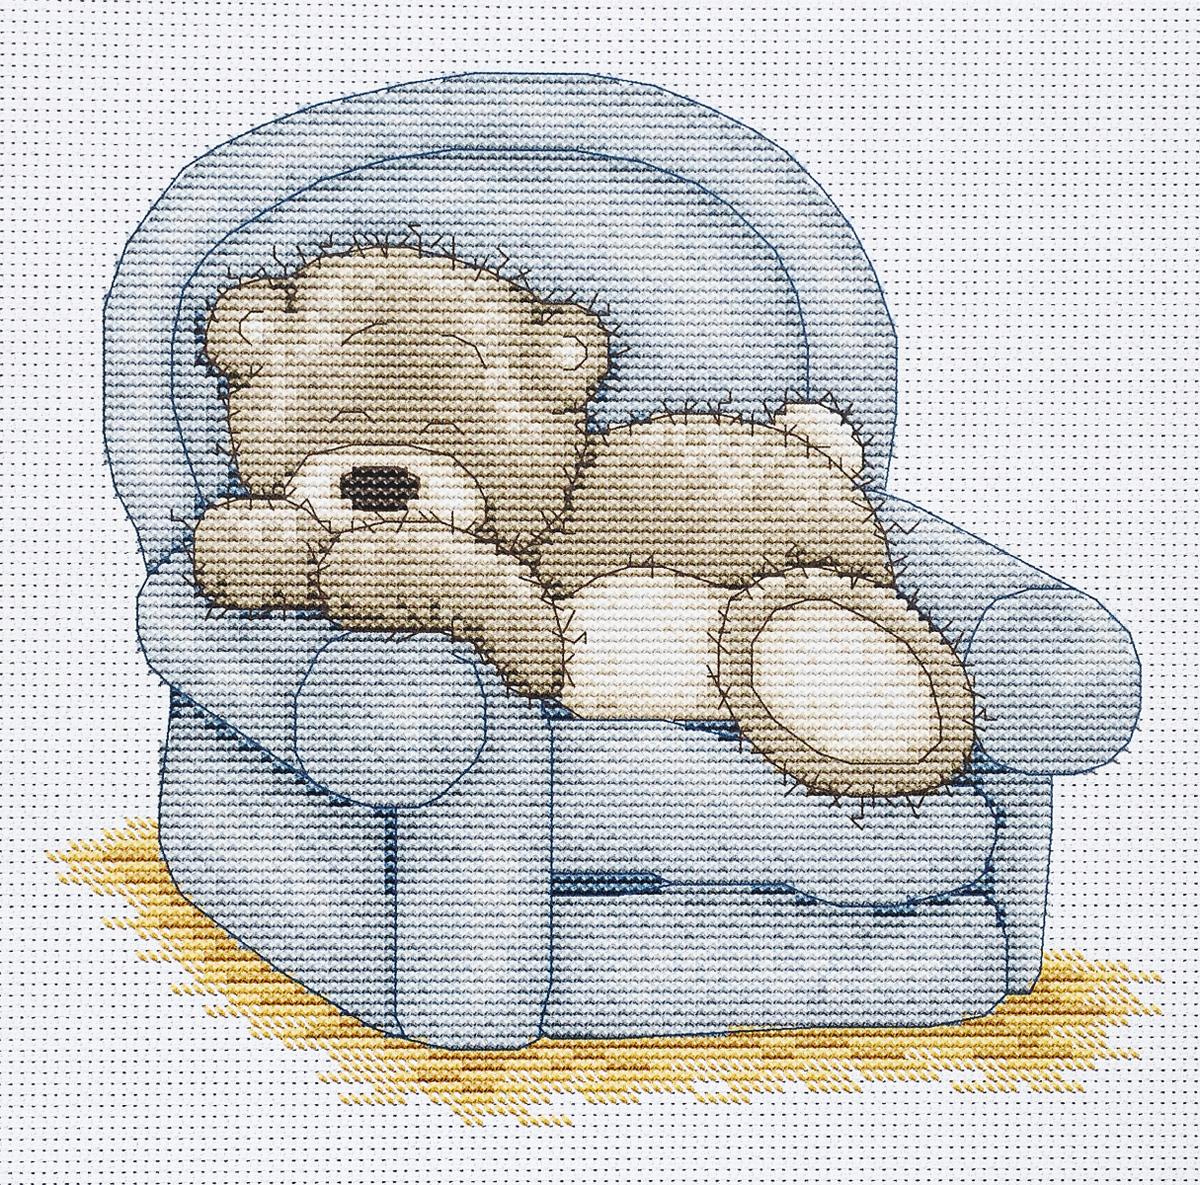 Набор для вышивания крестом Luca-S Медвежонок Бруно, 16 х 15,5 смB1019Набор для вышивания Luca-S крестом Медвежонок Бруно поможет вам создать свой личный шедевр - красивую картину, вышитую нитками. Красивый и стильный рисунок-вышивка, выполненный на канве, выглядит оригинально и всегда модно. Работа, сделанная своими руками, создаст особый уют и атмосферу в доме и долгие годы будет радовать вас и ваших близких. В наборе есть все необходимое для создания вышивки на канве в технике счетный крест. В набор входит: - канва Aida Zweigart №16 (белого цвета), - мулине Anchor (17 цветов), - черно-белая символьная схема, - инструкция на русском языке, - игла. Размер готовой работы: 16 х 15,5 см. Размер канвы: 29,5 х 26 см.